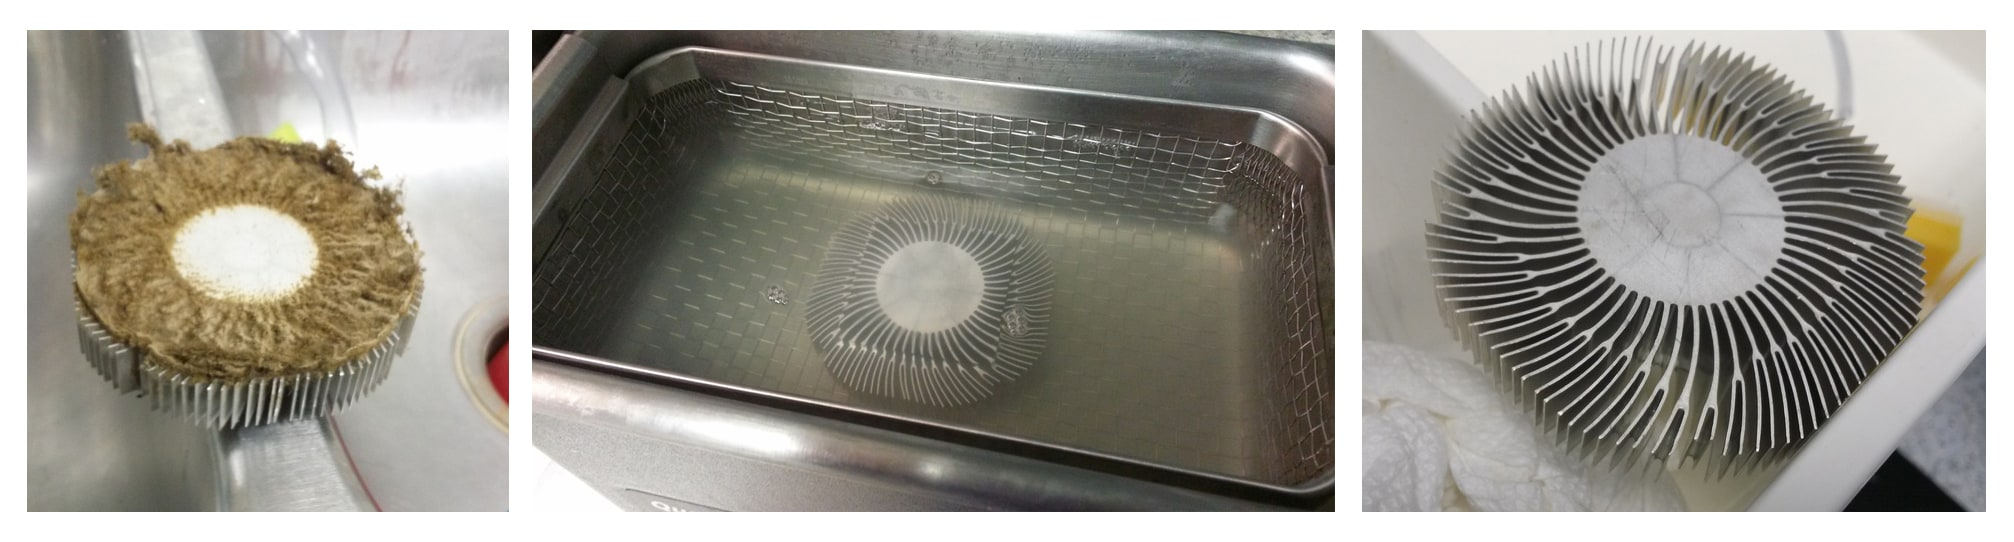 Nettoyage par ultrasons d'un ventilateur de cpu PC